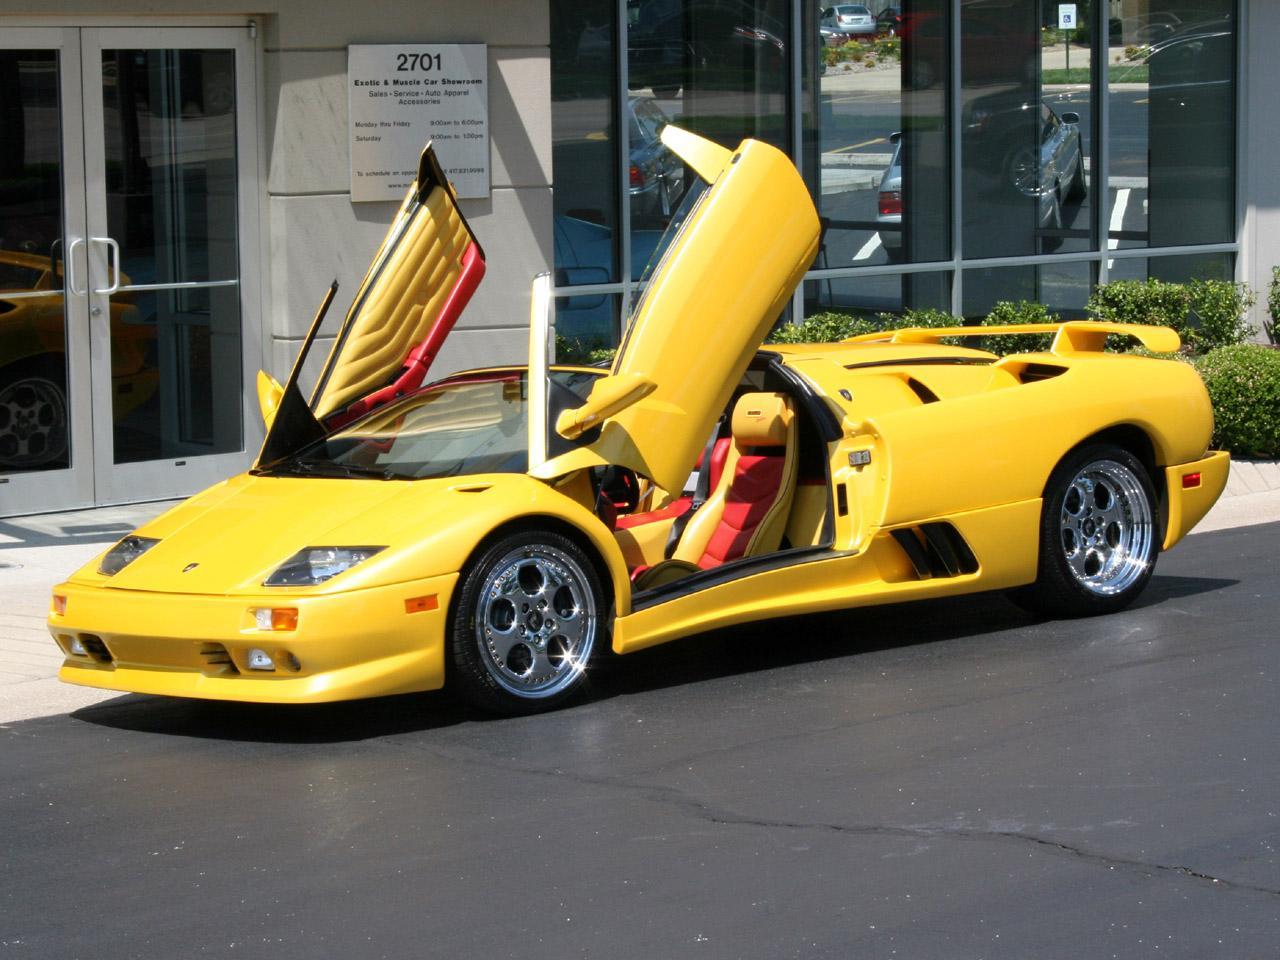 1999 Lamborghini Diablo VT Roadster on lamborghini countach 25th anniversary edition, lamborghini dub edition, lamborghini gallardo edition,